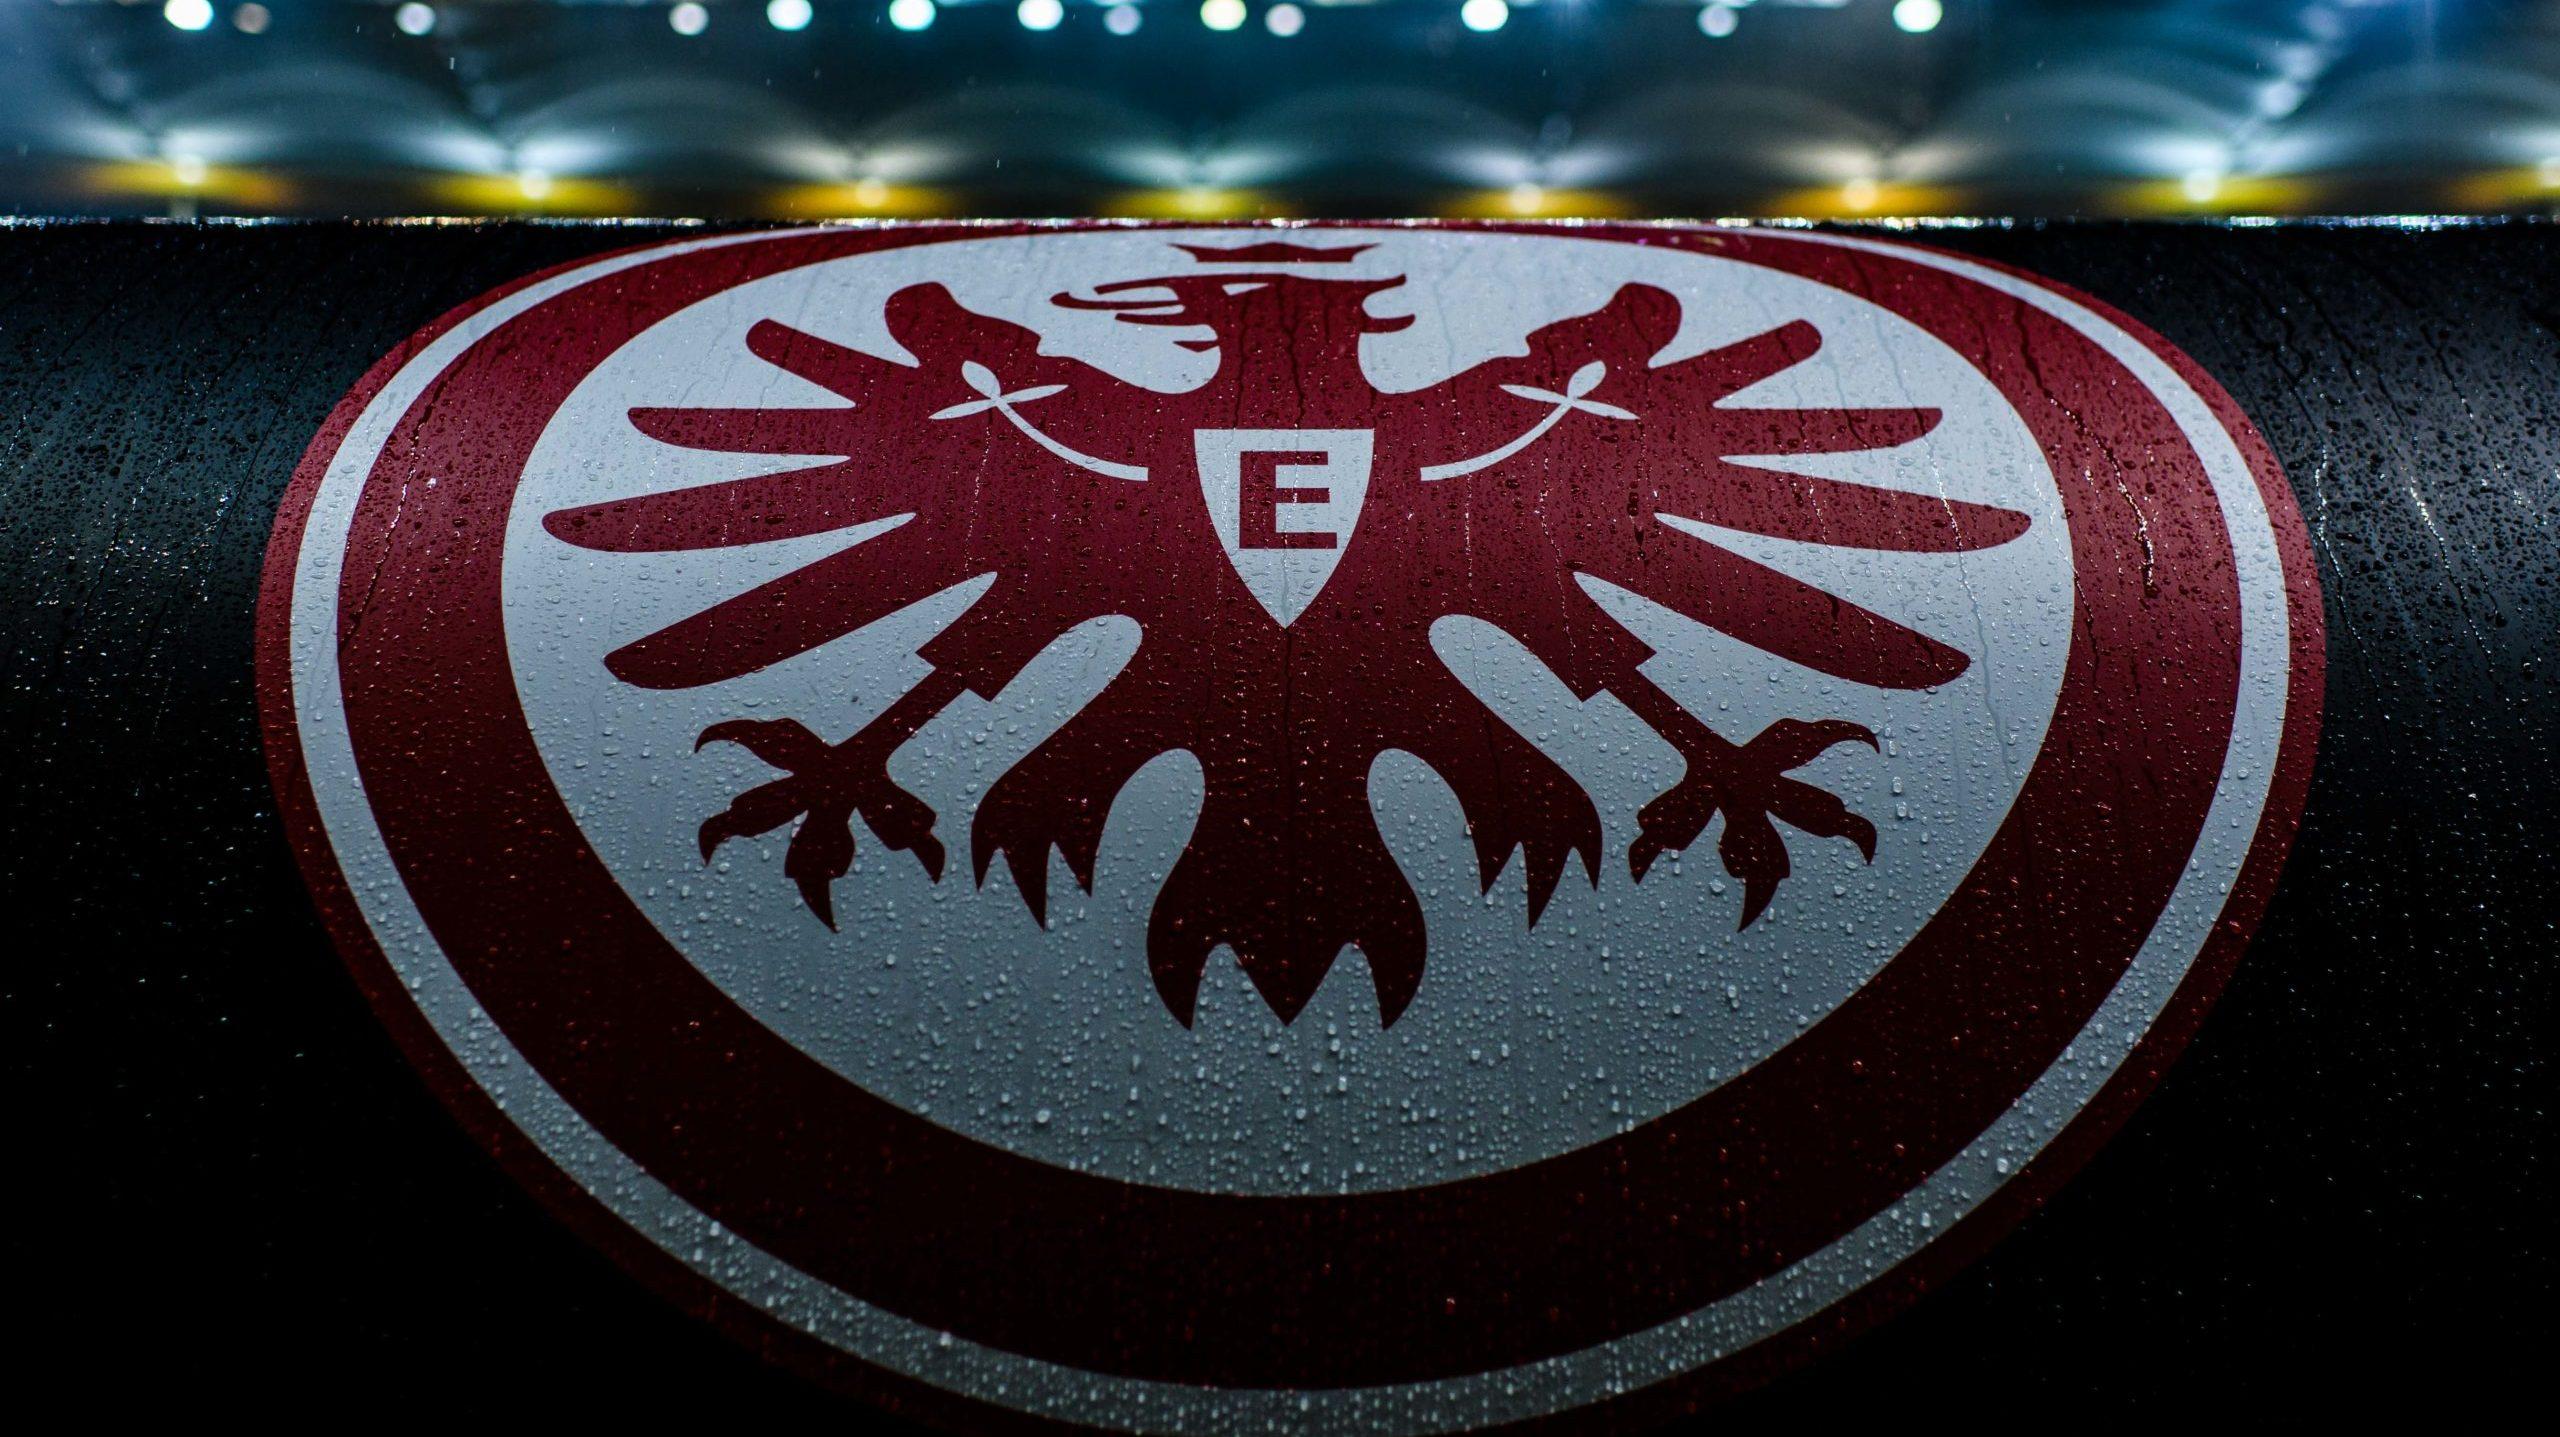 ¿Qué significan los nombres de los clubes alemanes?